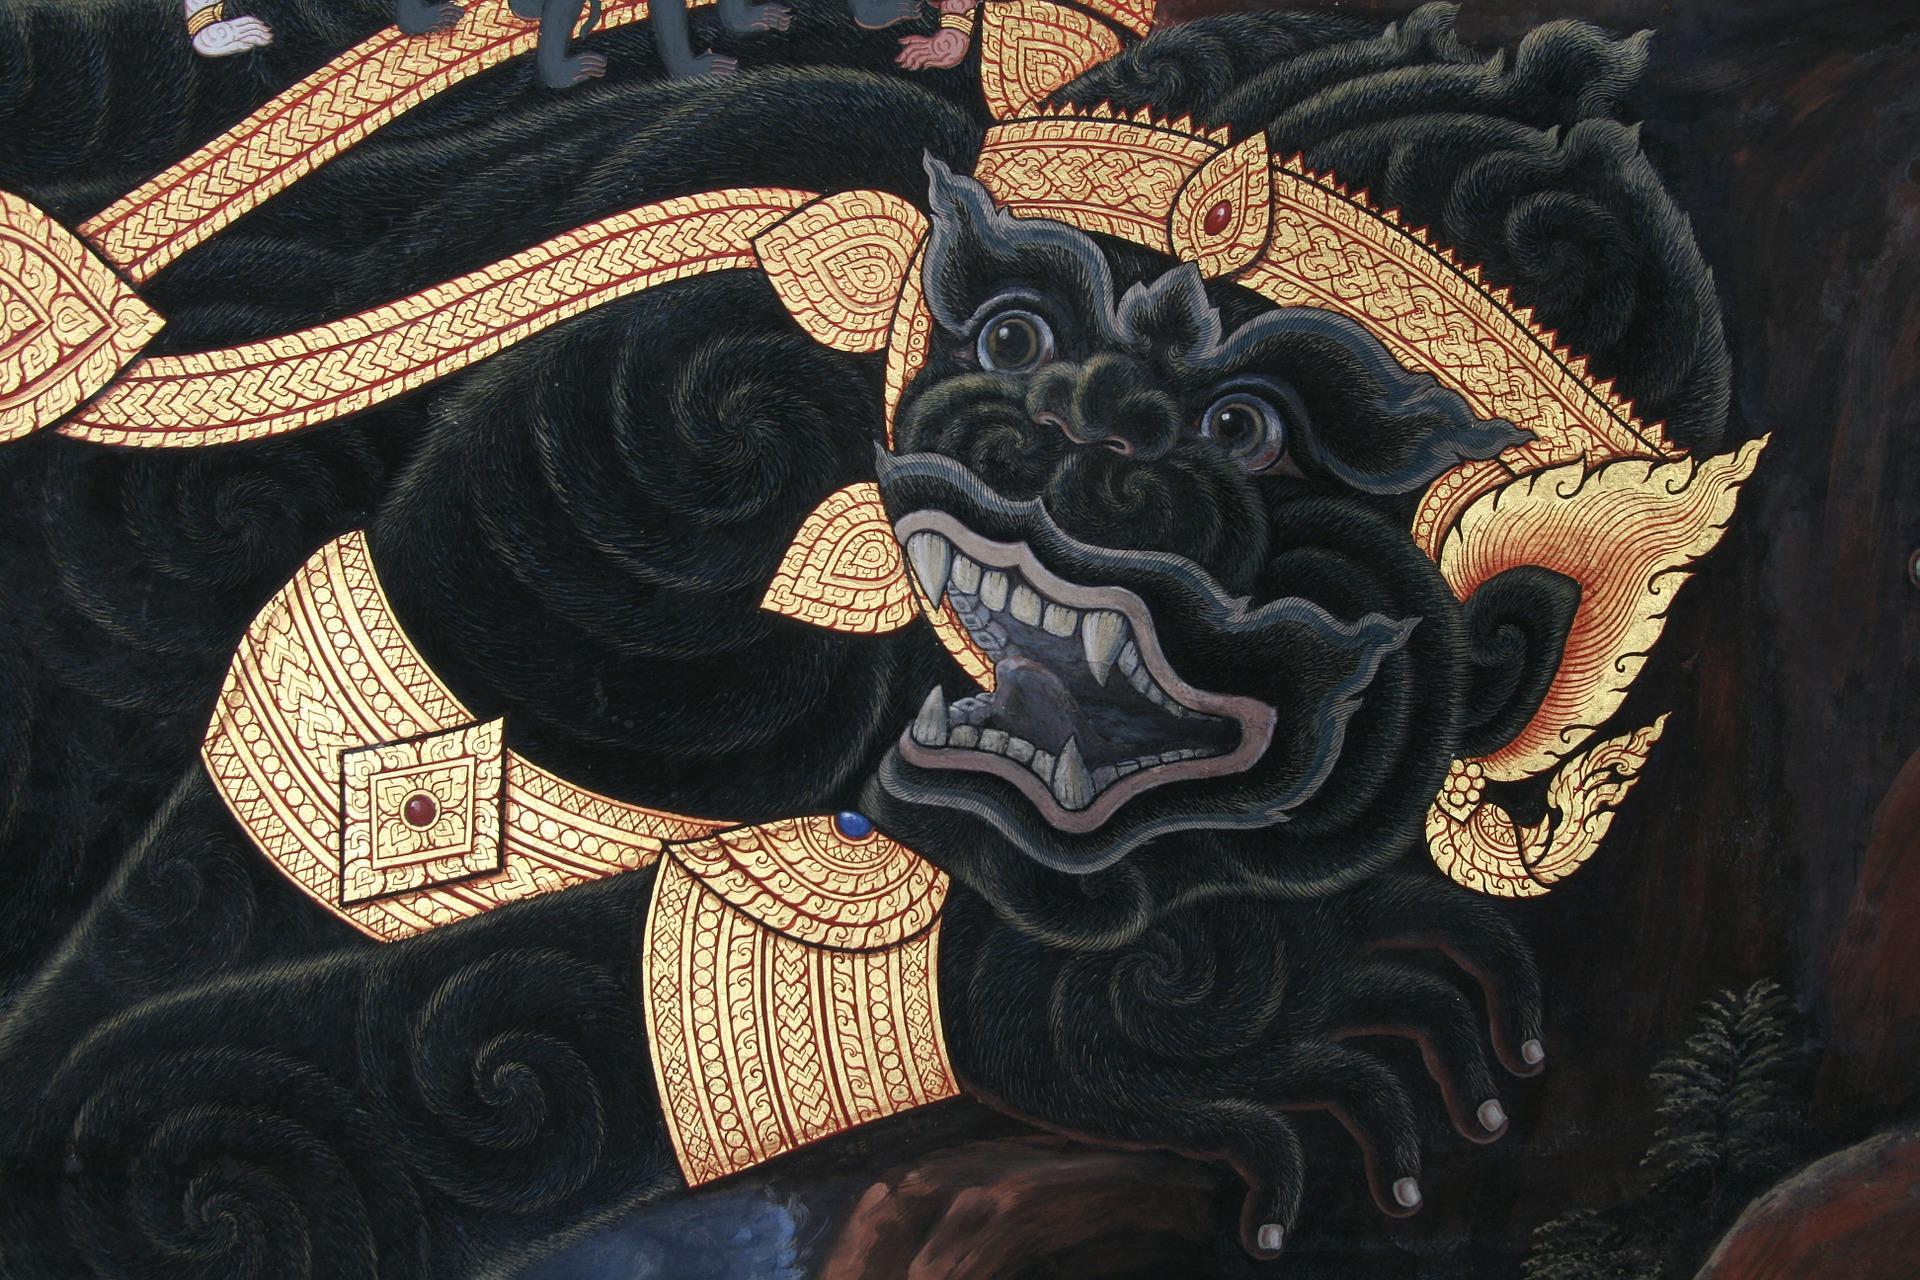 การสนับสนุนงานศิลปะของคนไทย